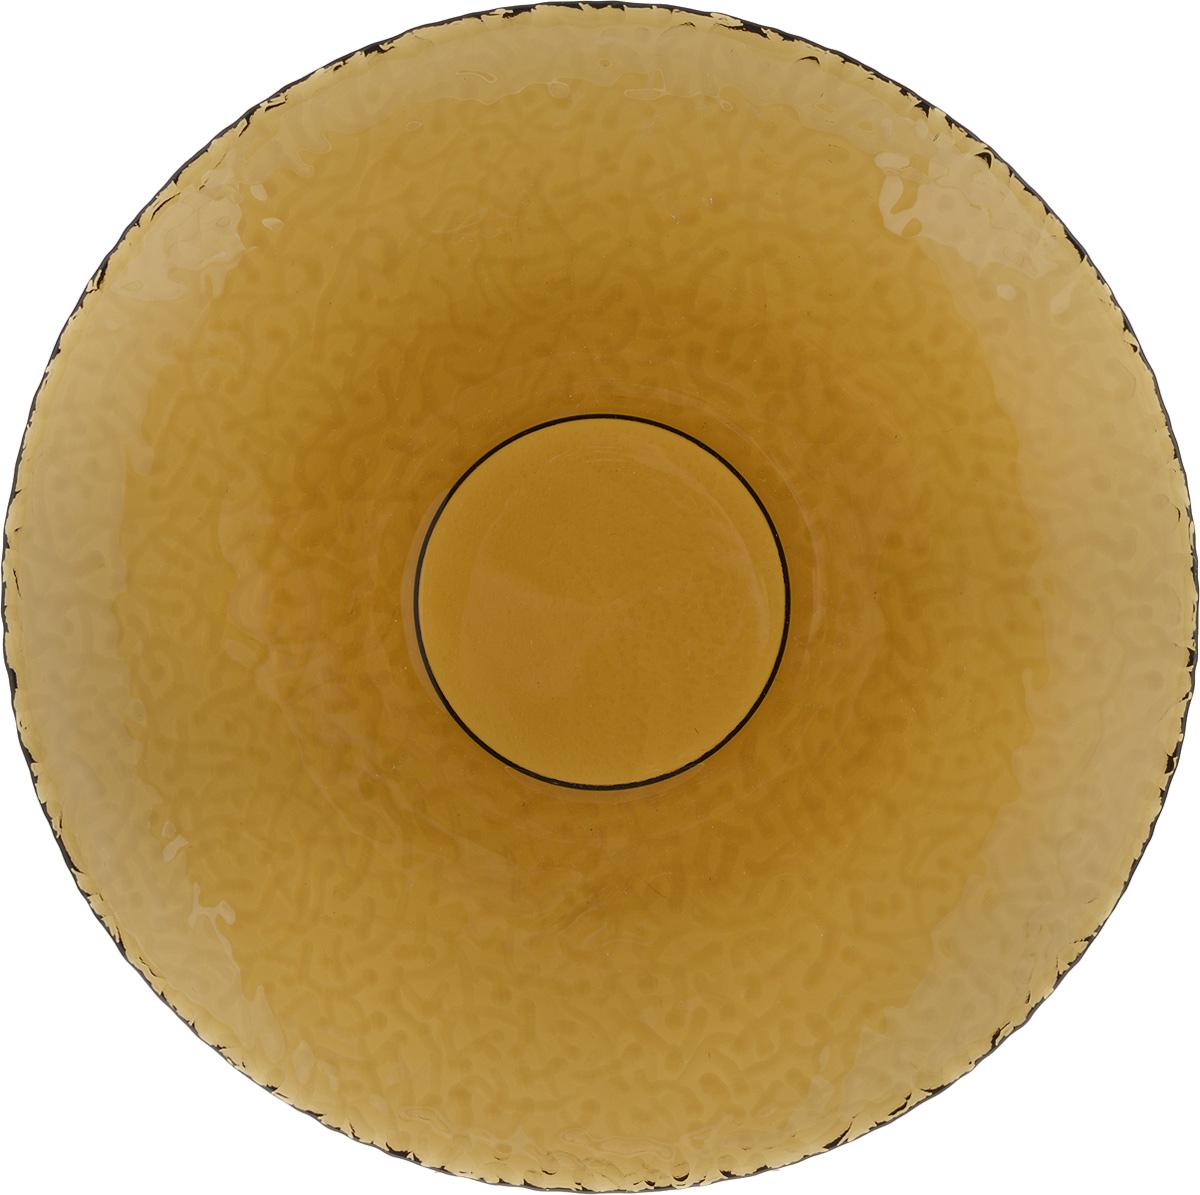 Тарелка NiNaGlass Ажур, цвет: дымчатый, диаметр 21 см115510Тарелка NiNaGlass Ажур выполнена из высококачественного стекла и имеет рельефнуюповерхность. Она прекрасно впишется в интерьер вашей кухни и станет достойным дополнениемк кухонному инвентарю. Тарелка NiNaGlass Ажур подчеркнет прекрасный вкус хозяйки и станет отличным подарком.Диаметр тарелки: 21 см.Высота: 2,5 см.